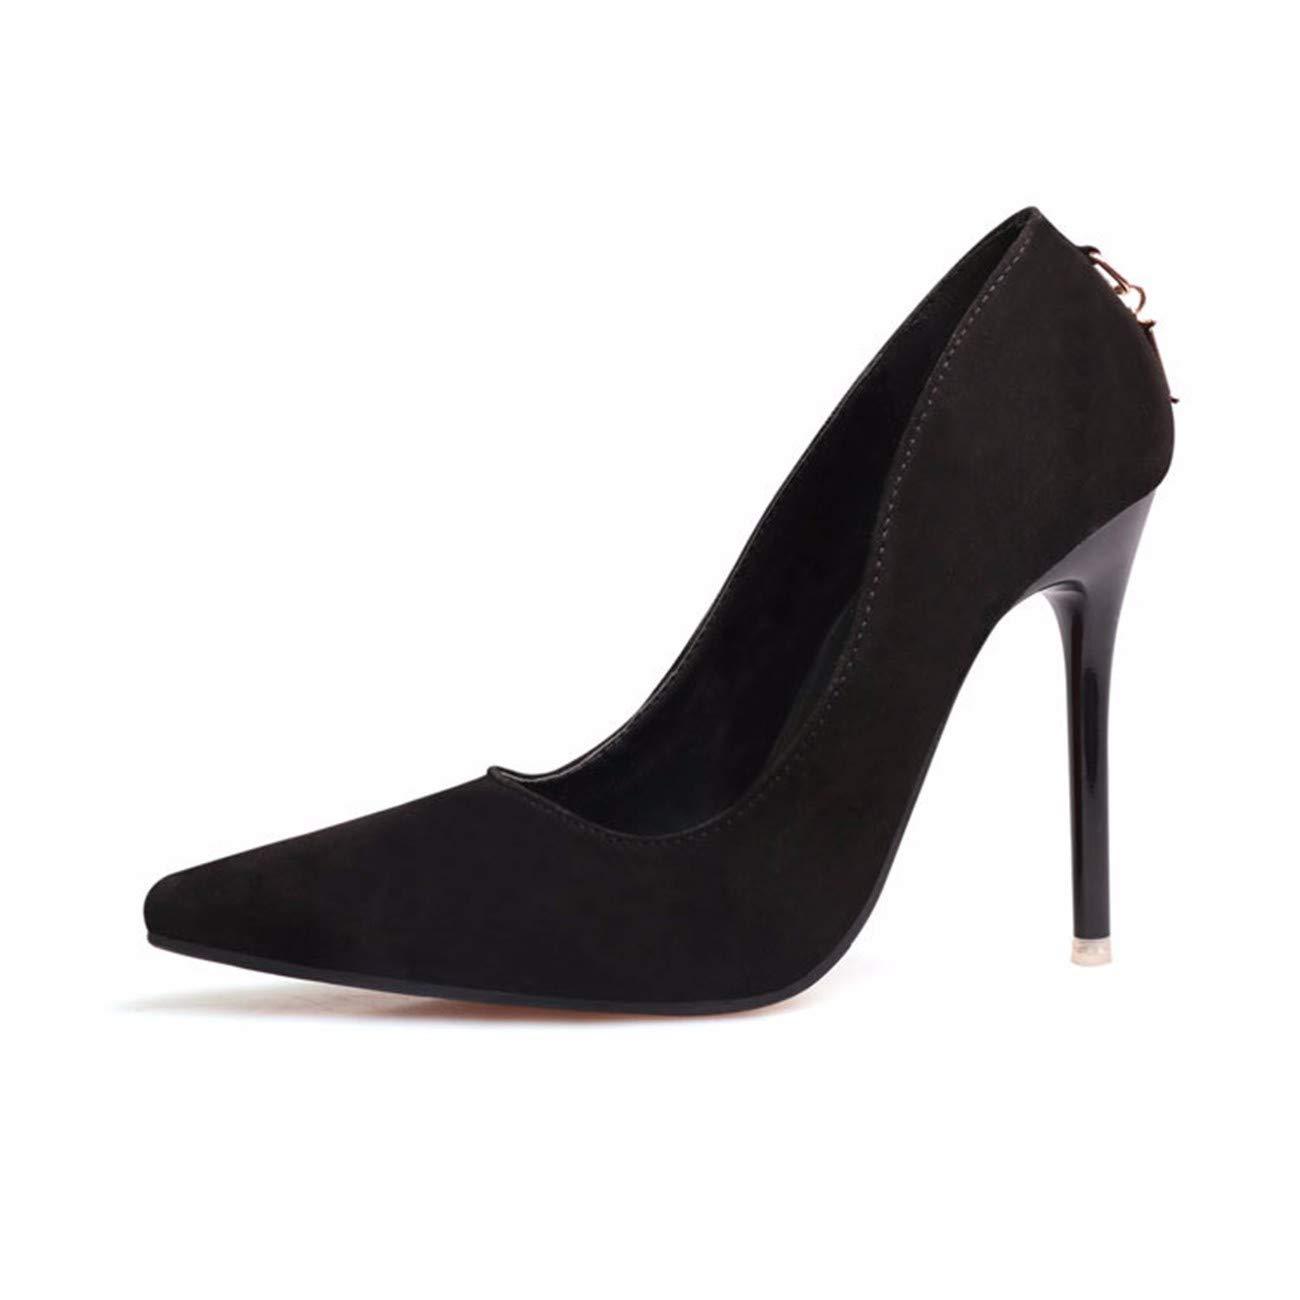 QPGGP-schuhe Euro - amerikanische Mode einfach hochhackigen Wildleder Flache Spitze sexy Frauen einzelne Schuhe